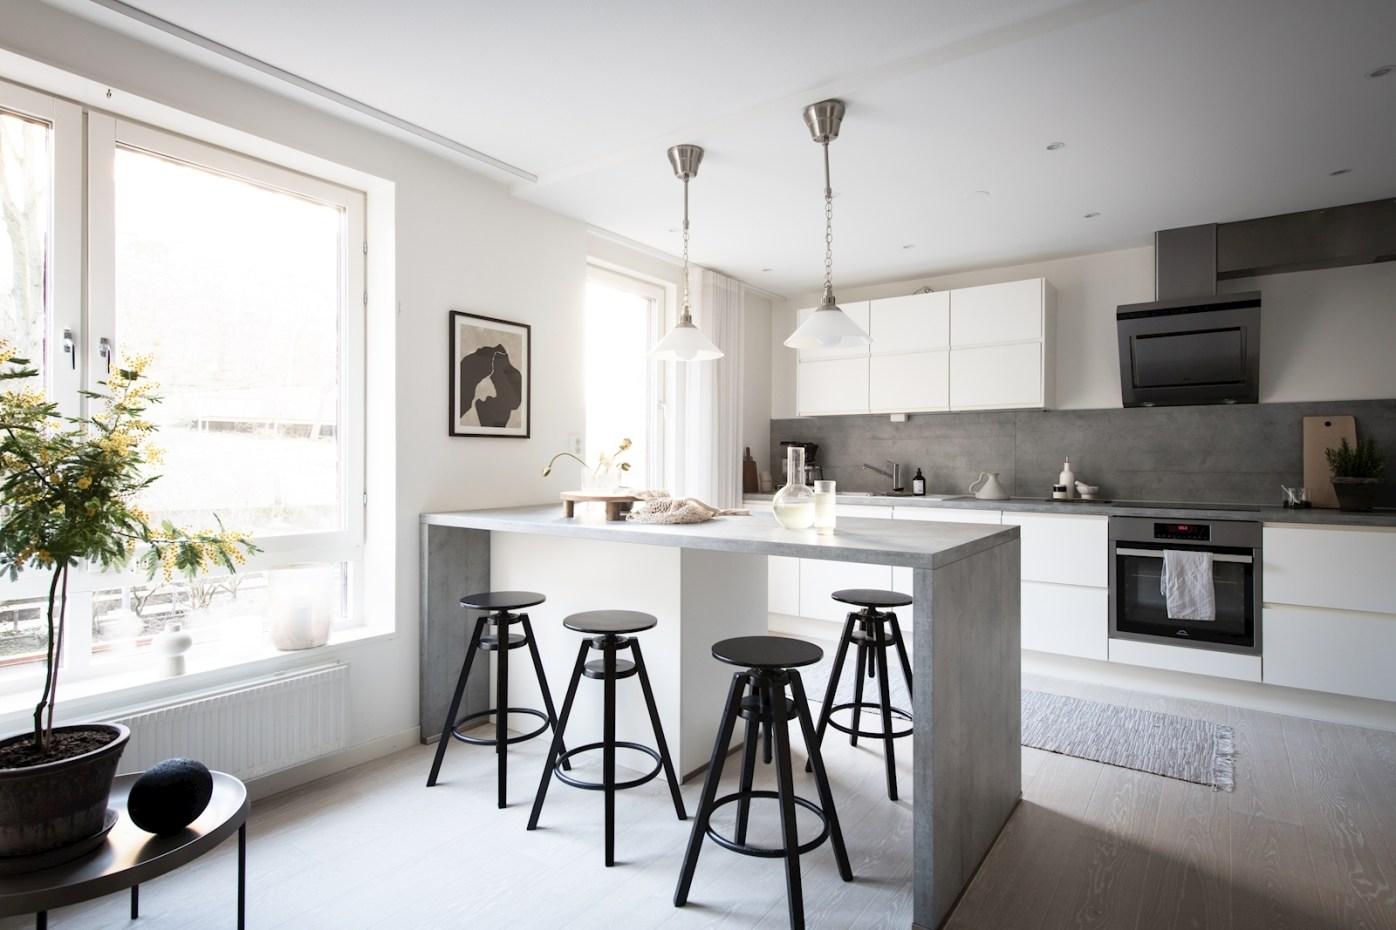 квартира 52 квм кухонная мебель